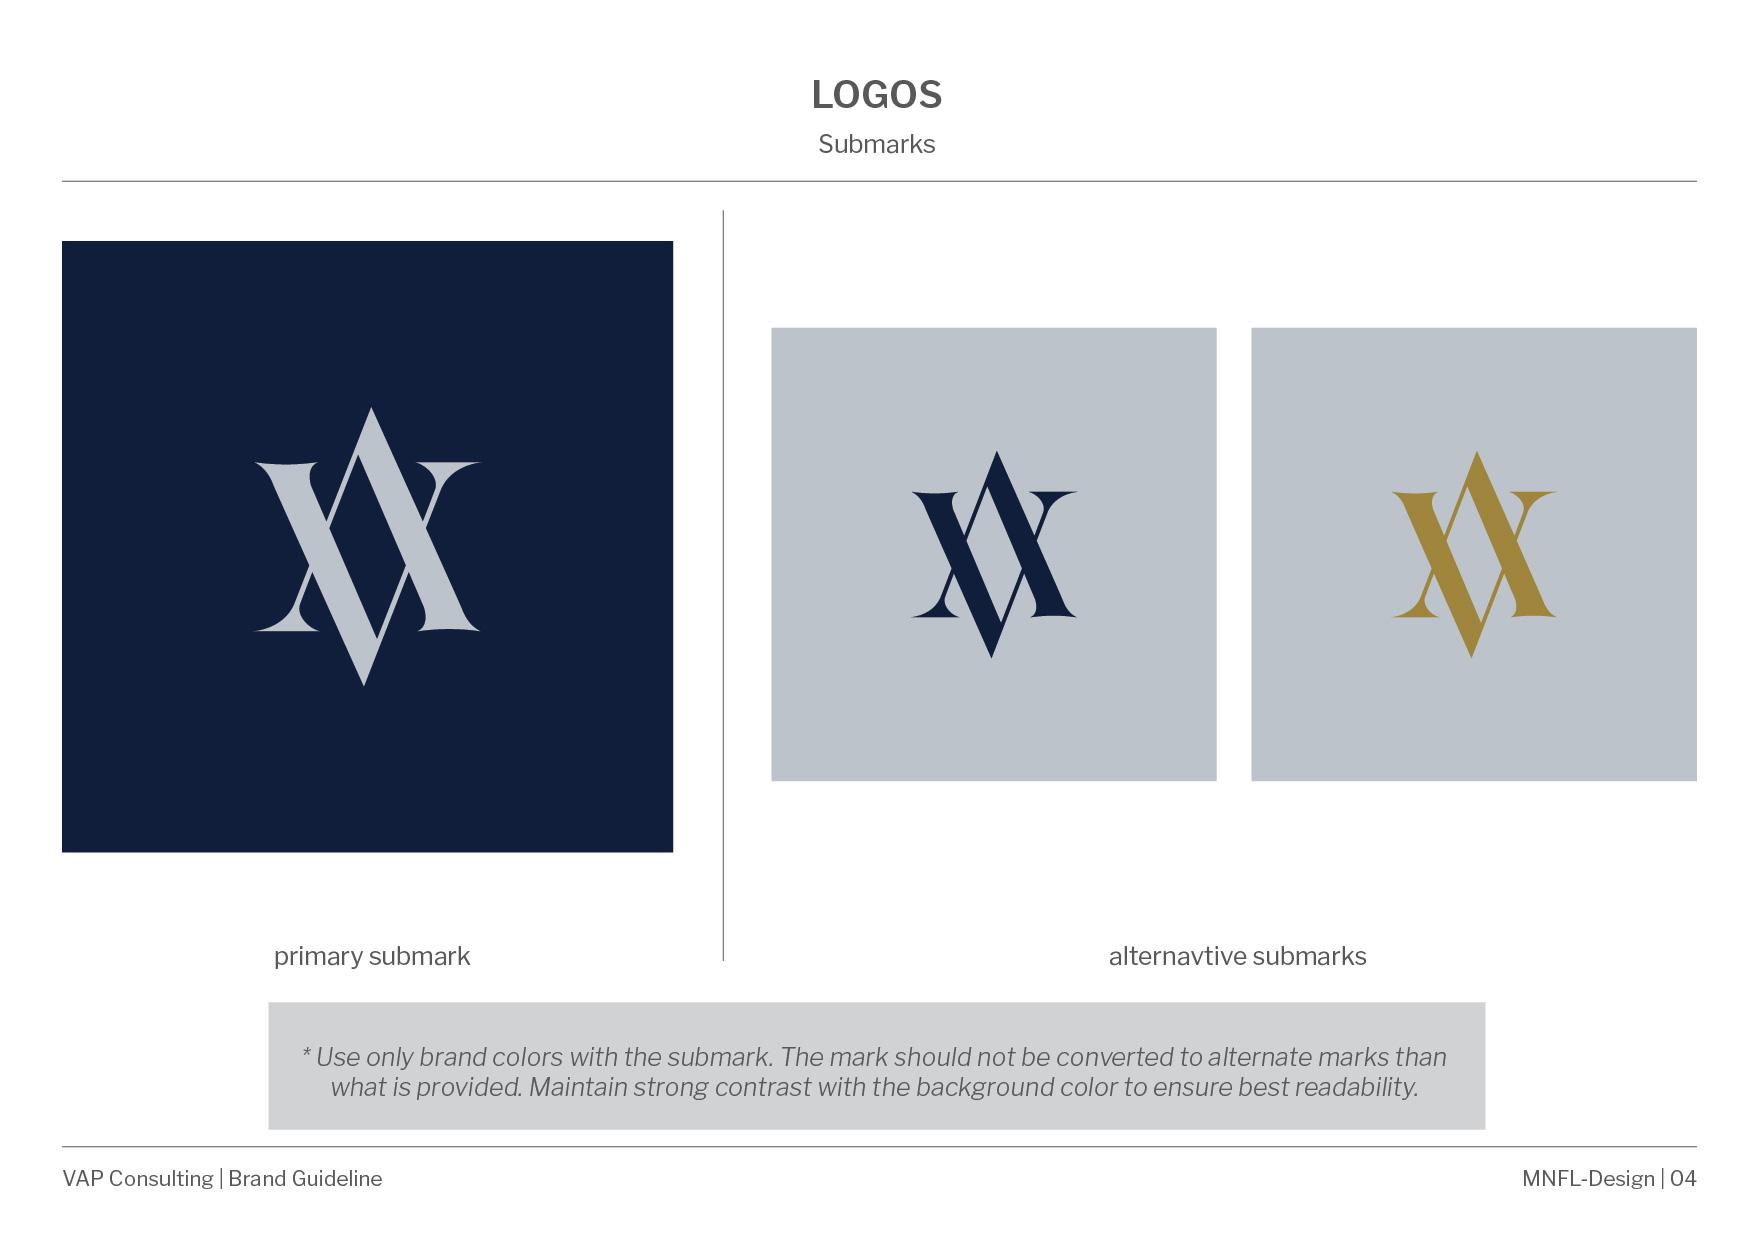 VAP Brand Guideline_submark.jpg